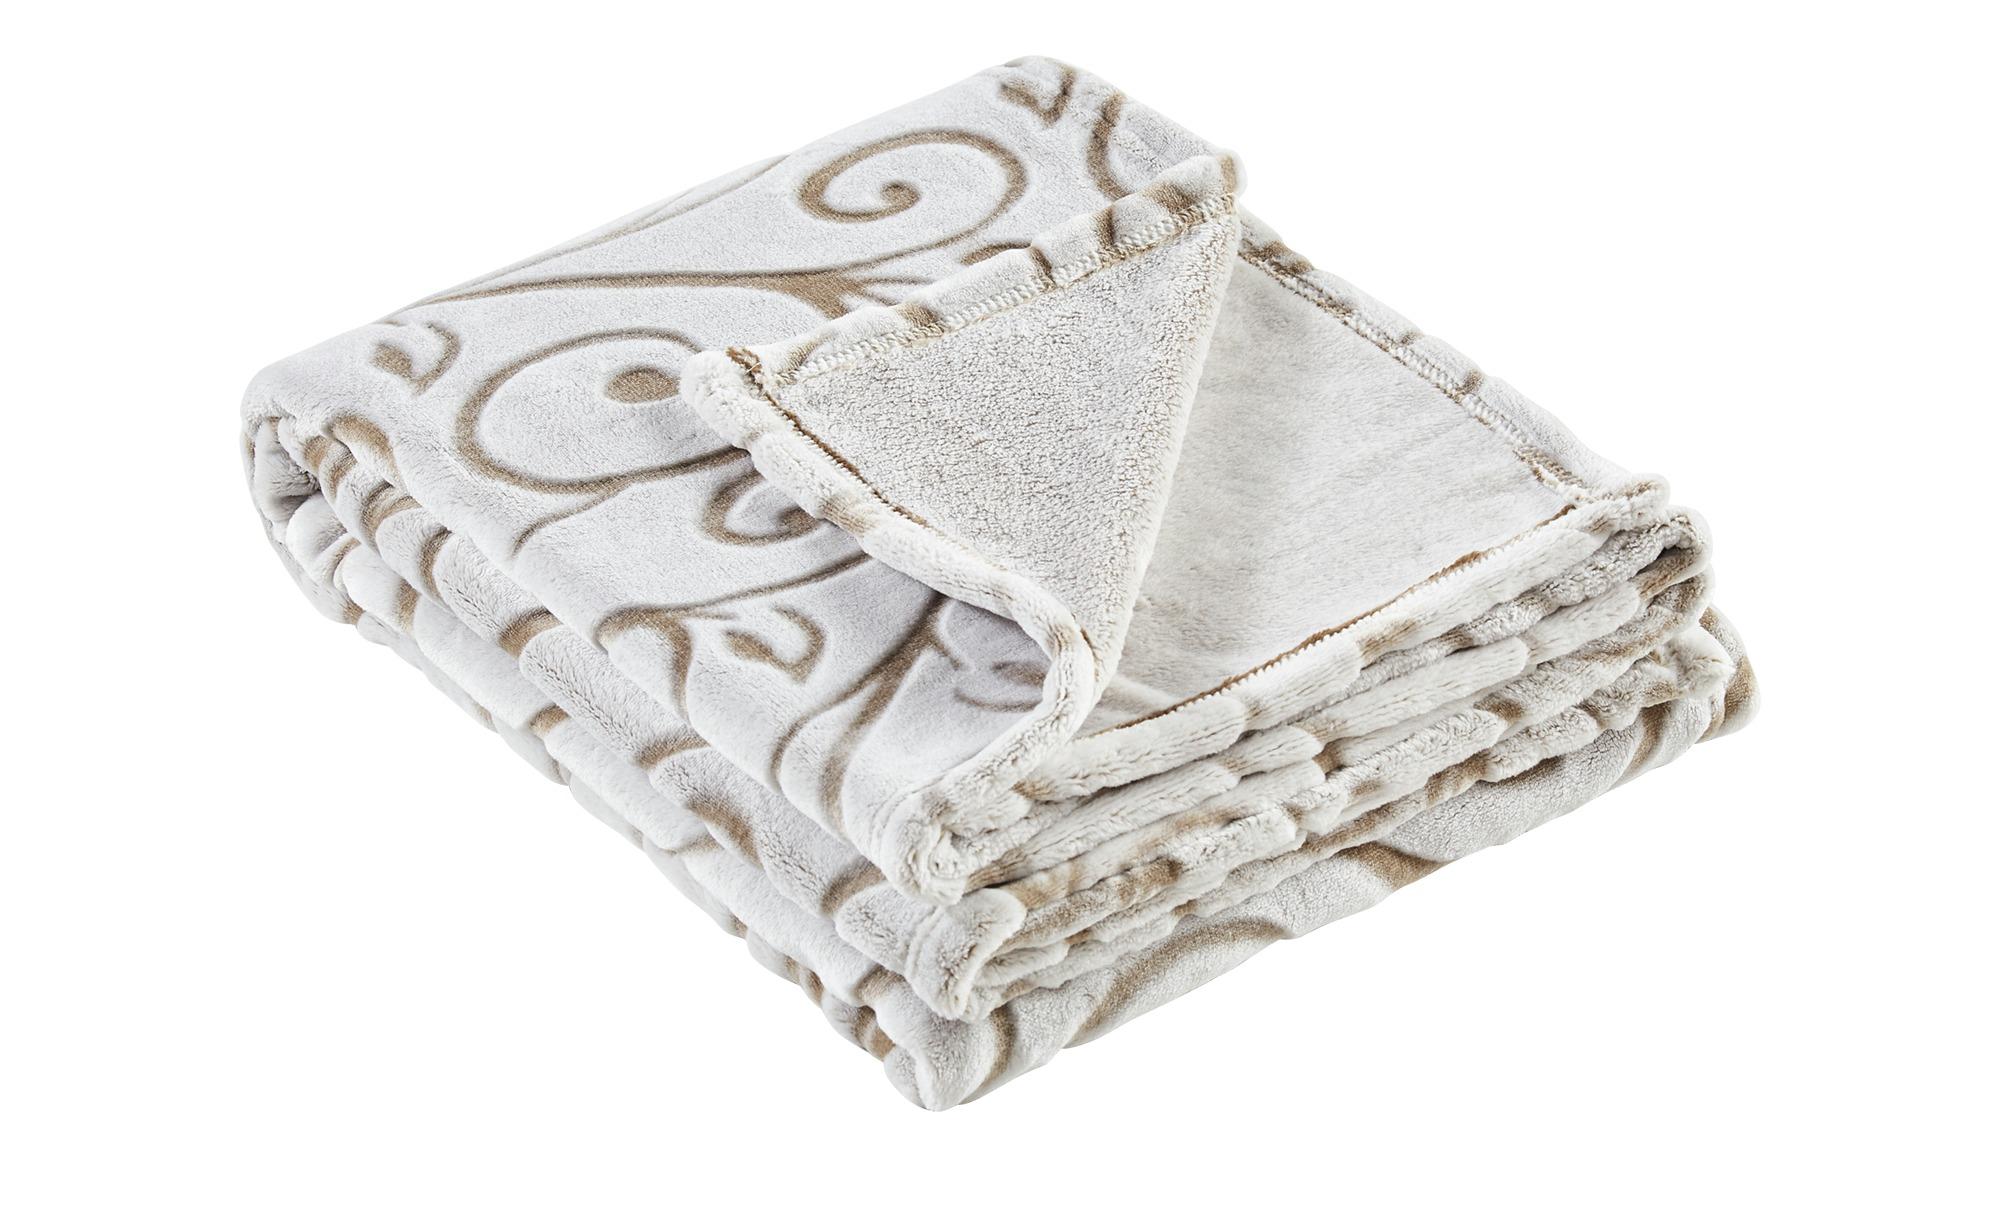 Flausch-Decke  Marina ¦ creme ¦ 100% Polyester ¦ Maße (cm): B: 130 Heimtextilien > Kuscheldecken - Höffner